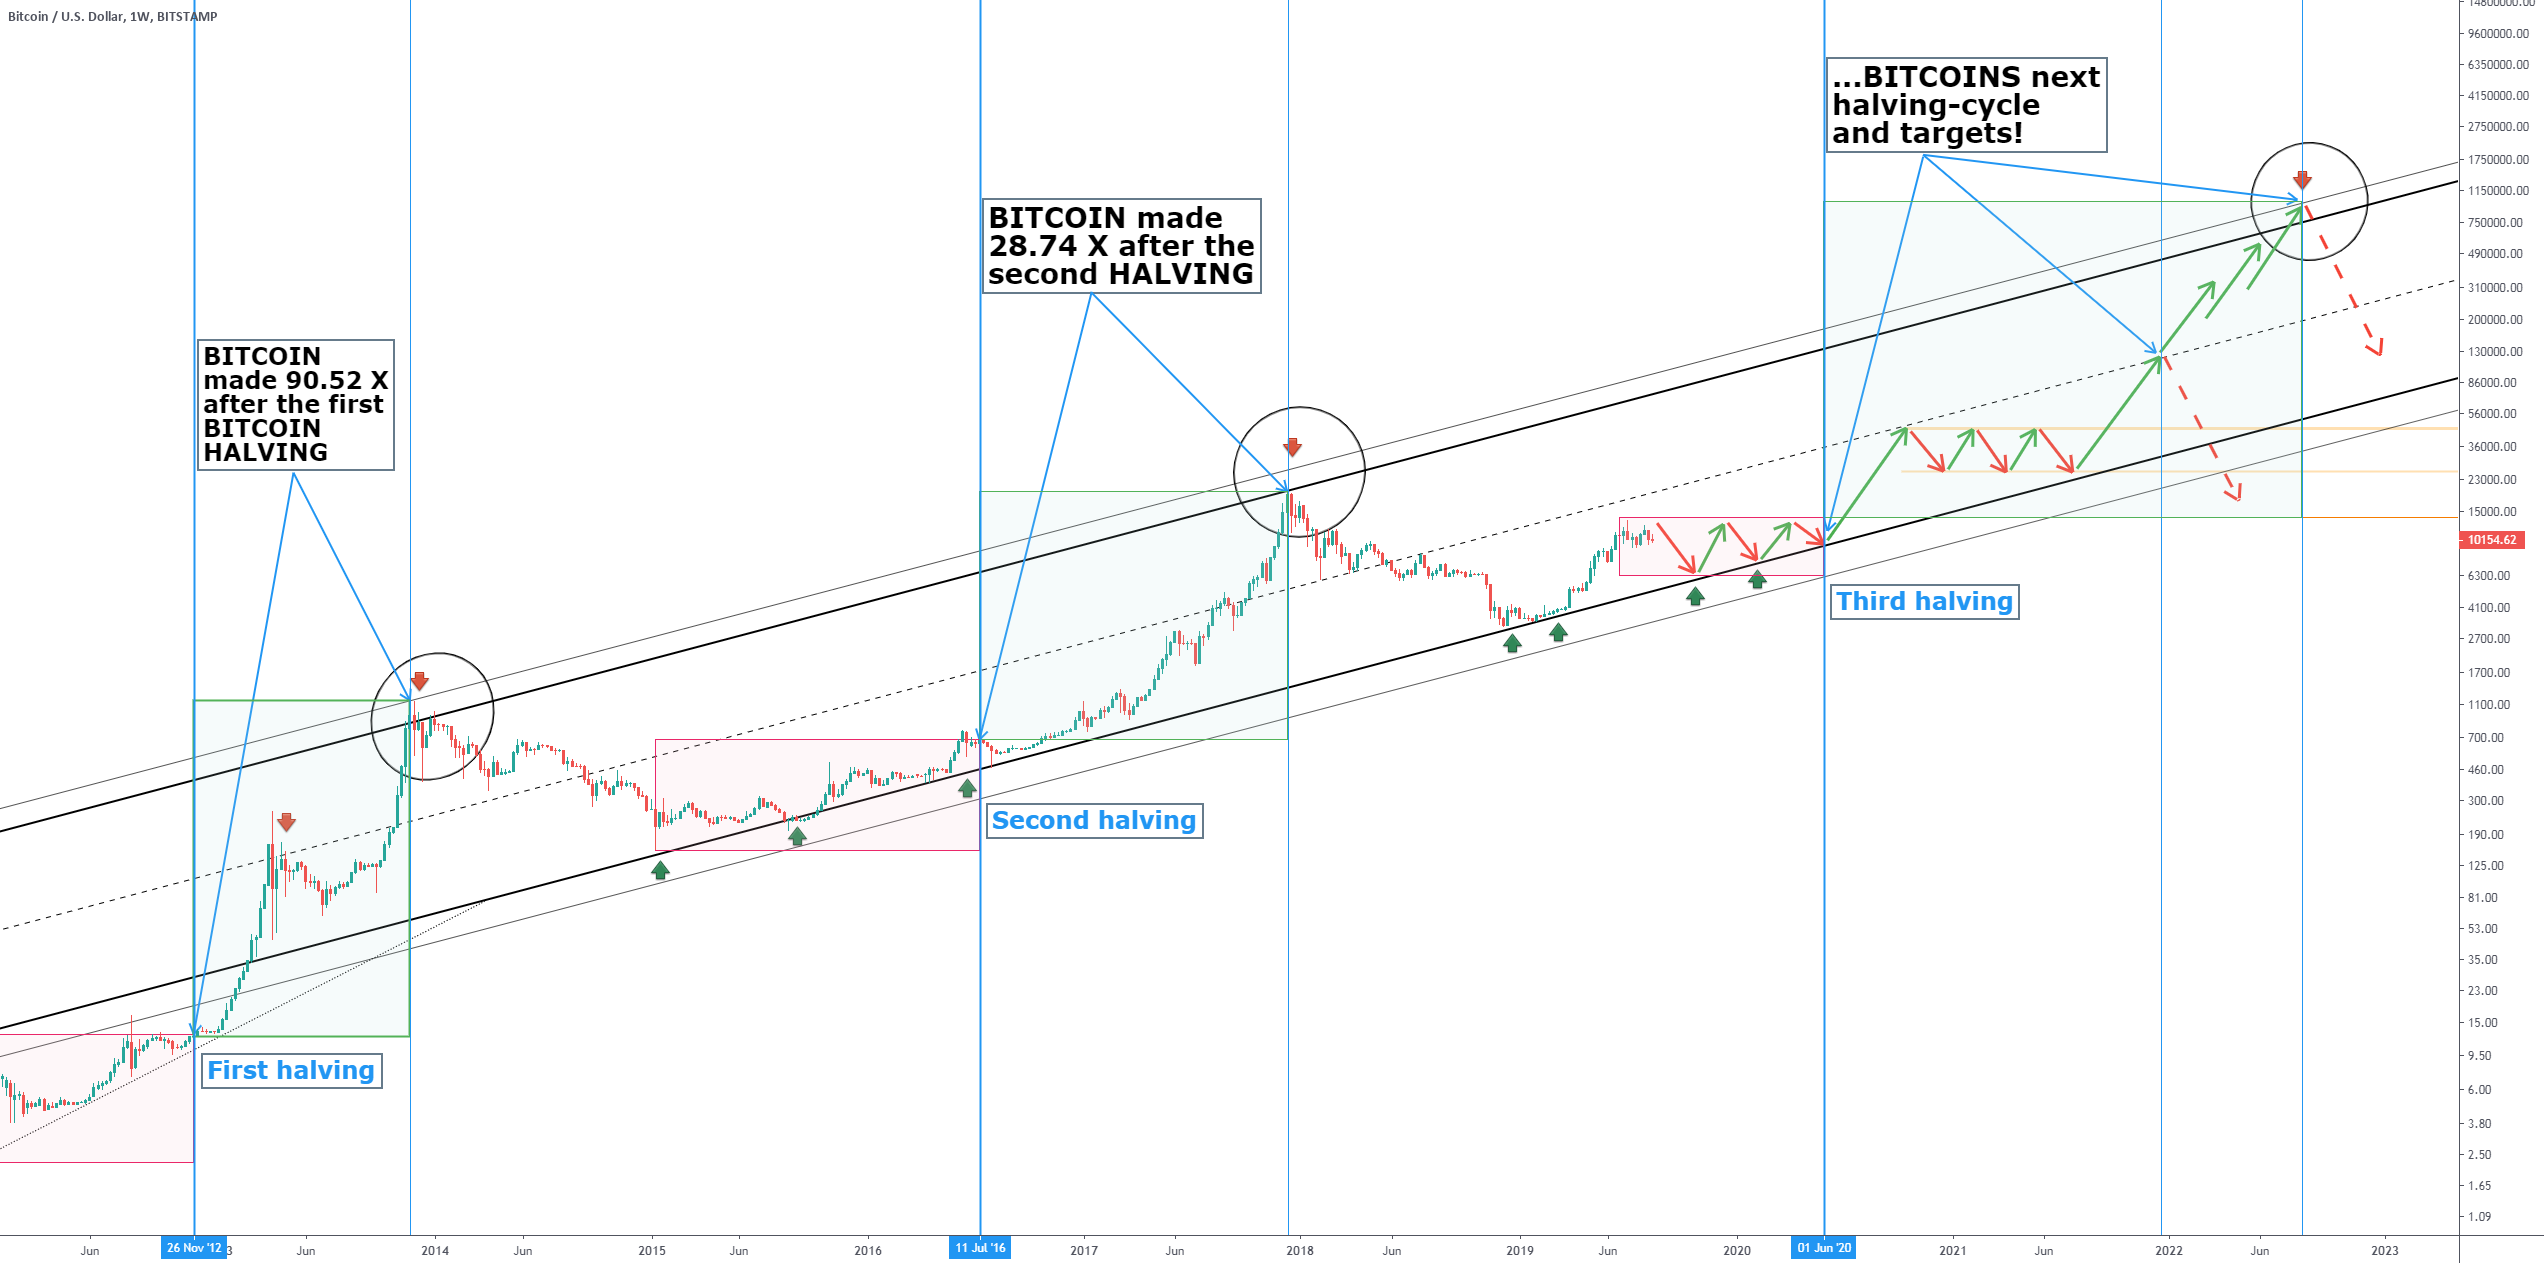 Bitcoin halving în aproximativ 50 de zile – cum va reacționa piața?